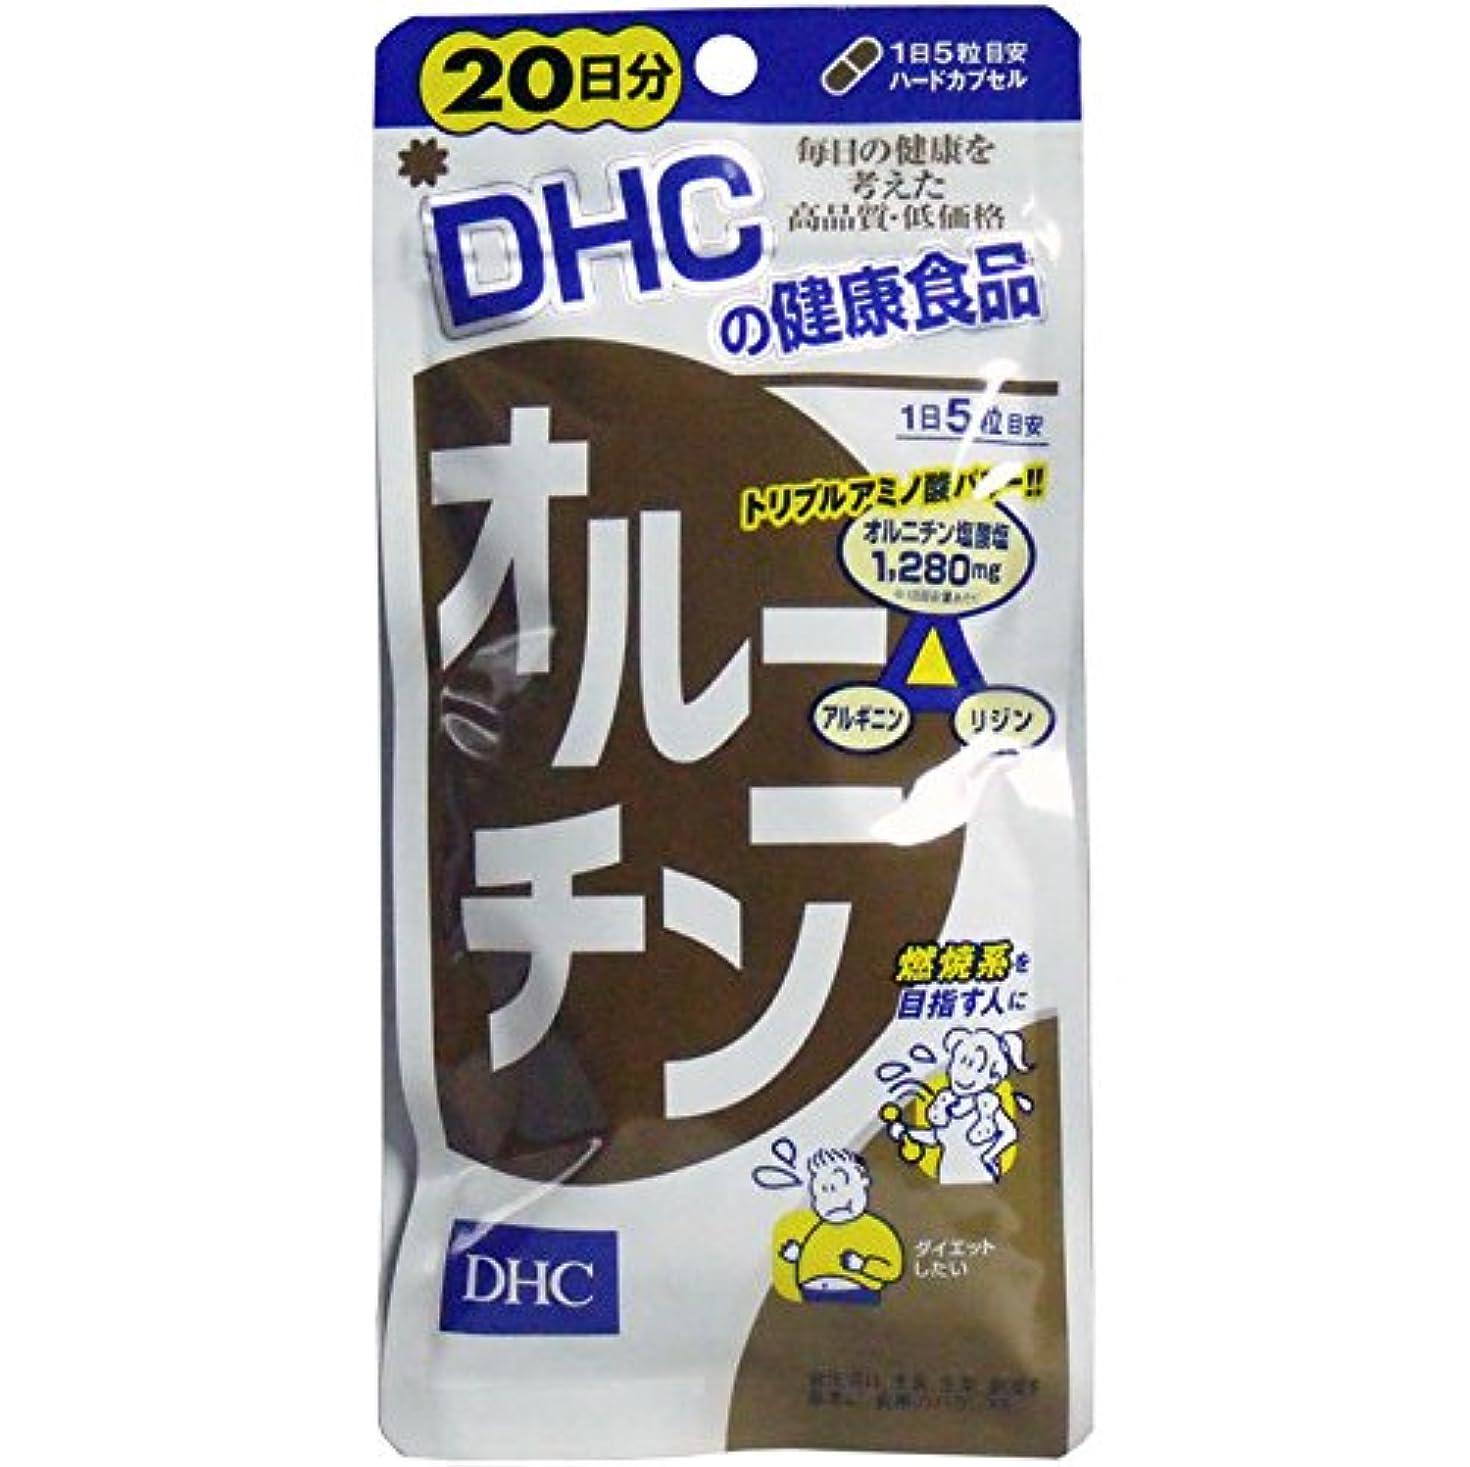 絶壁耐えられるベースシジミパワーで朝からすっきり DHC オルニチン 20日分 100粒